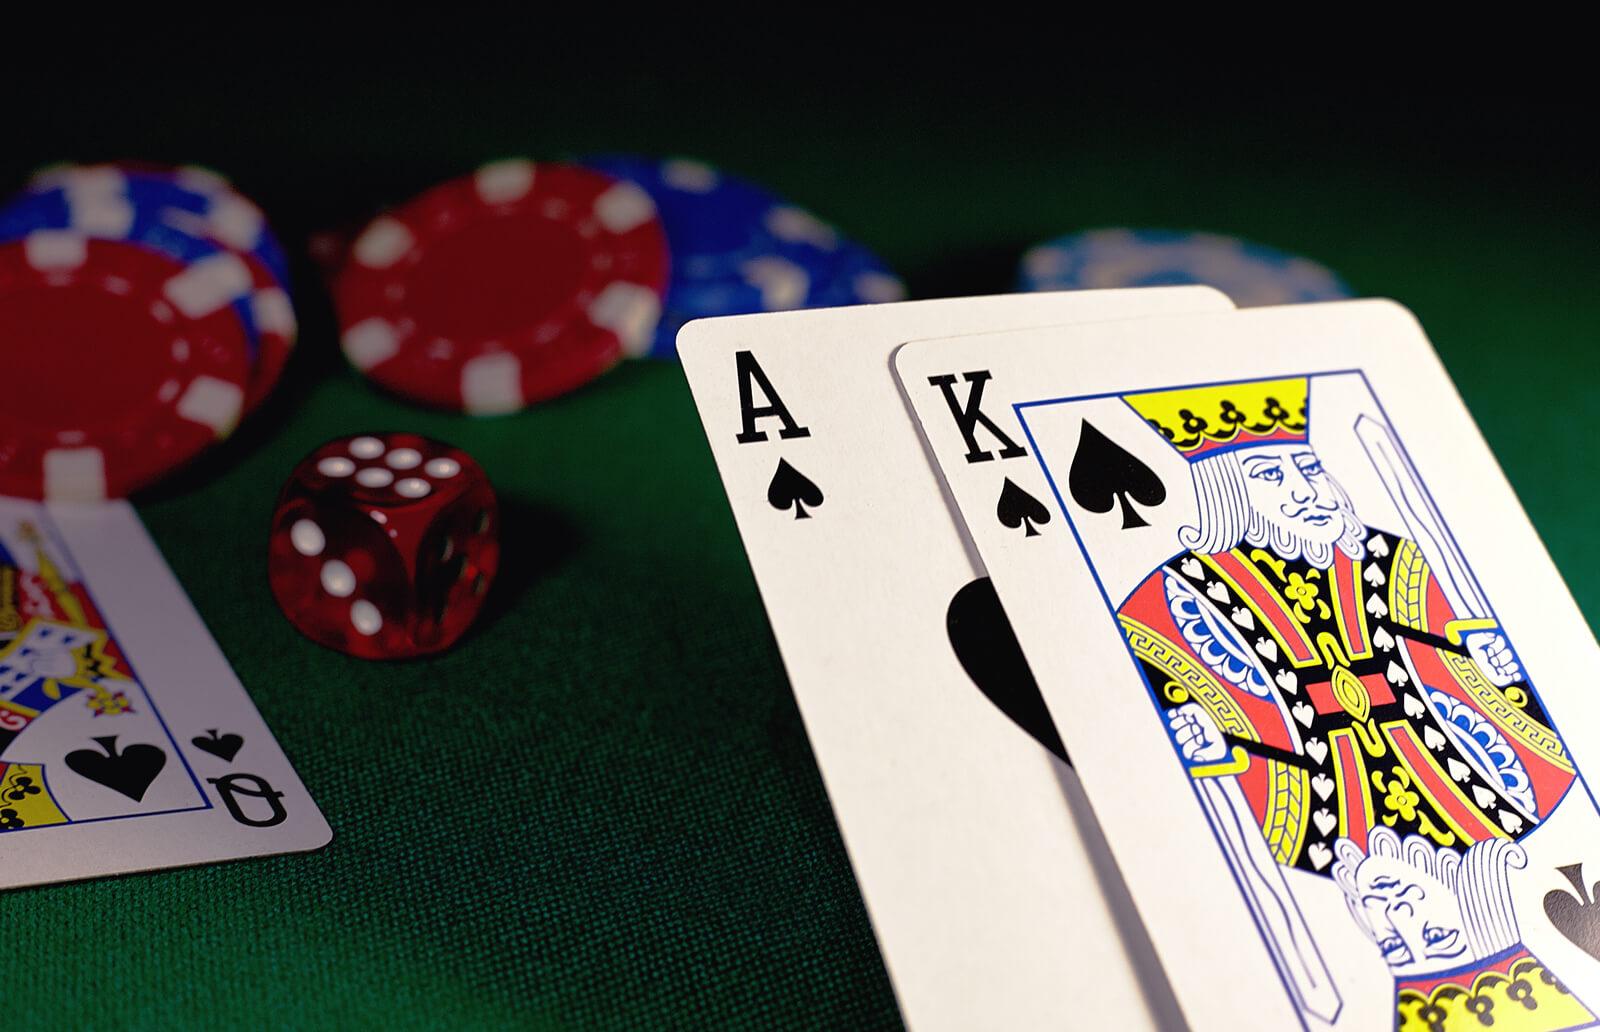 Juegos de casino online en España